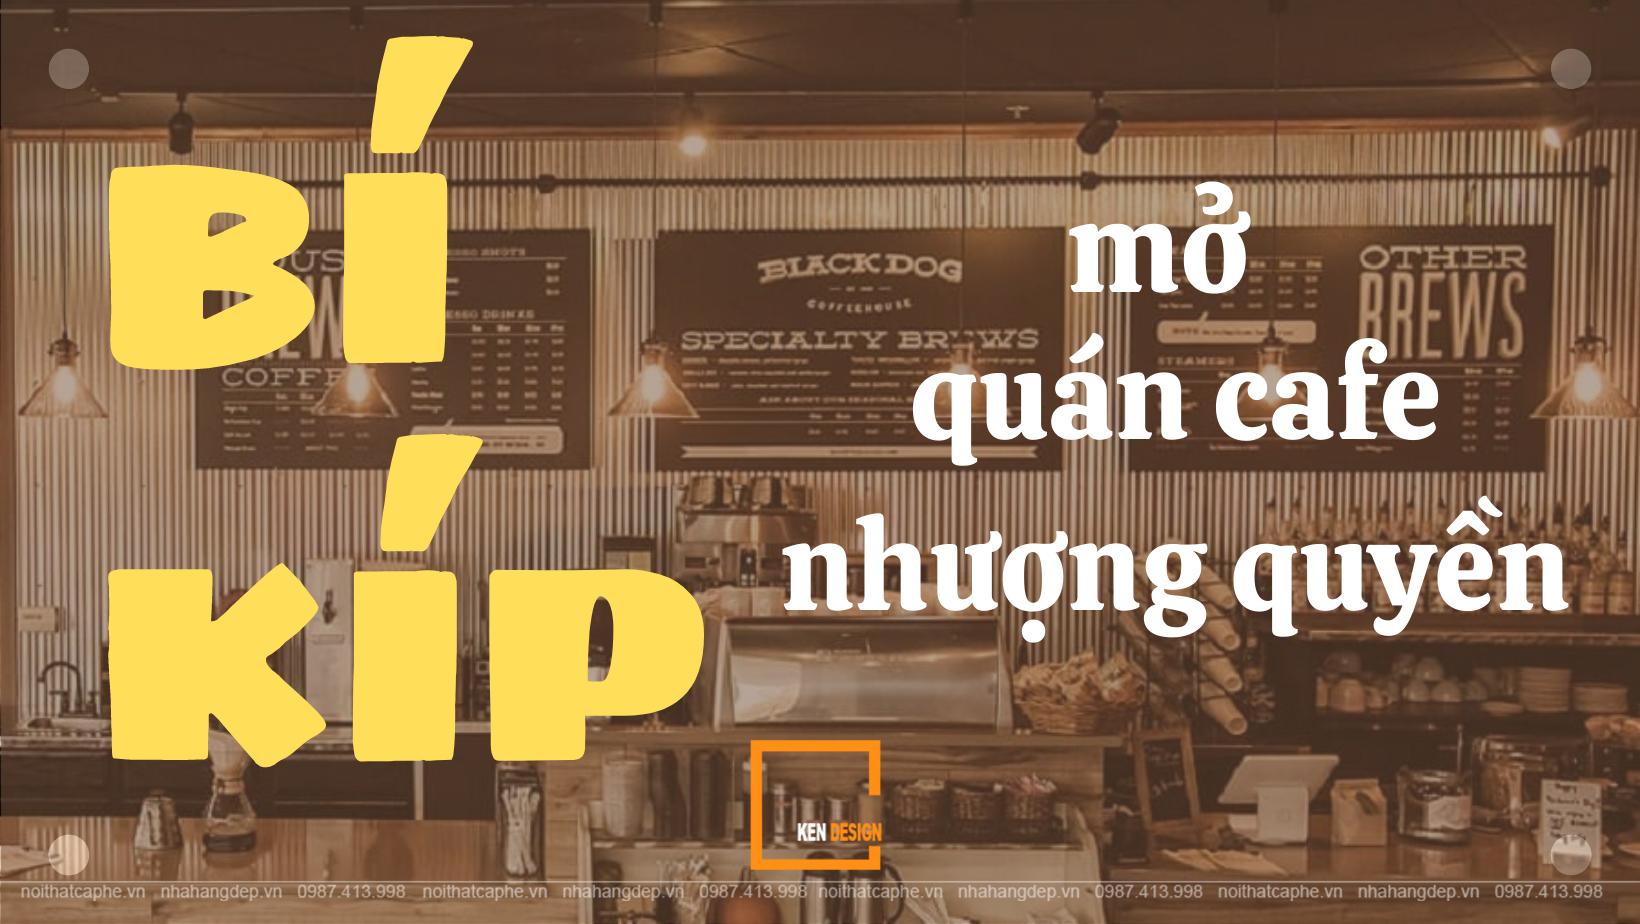 Bật mí bí kíp mở quán cafe nhượng quyền cho người mới bắt đầu